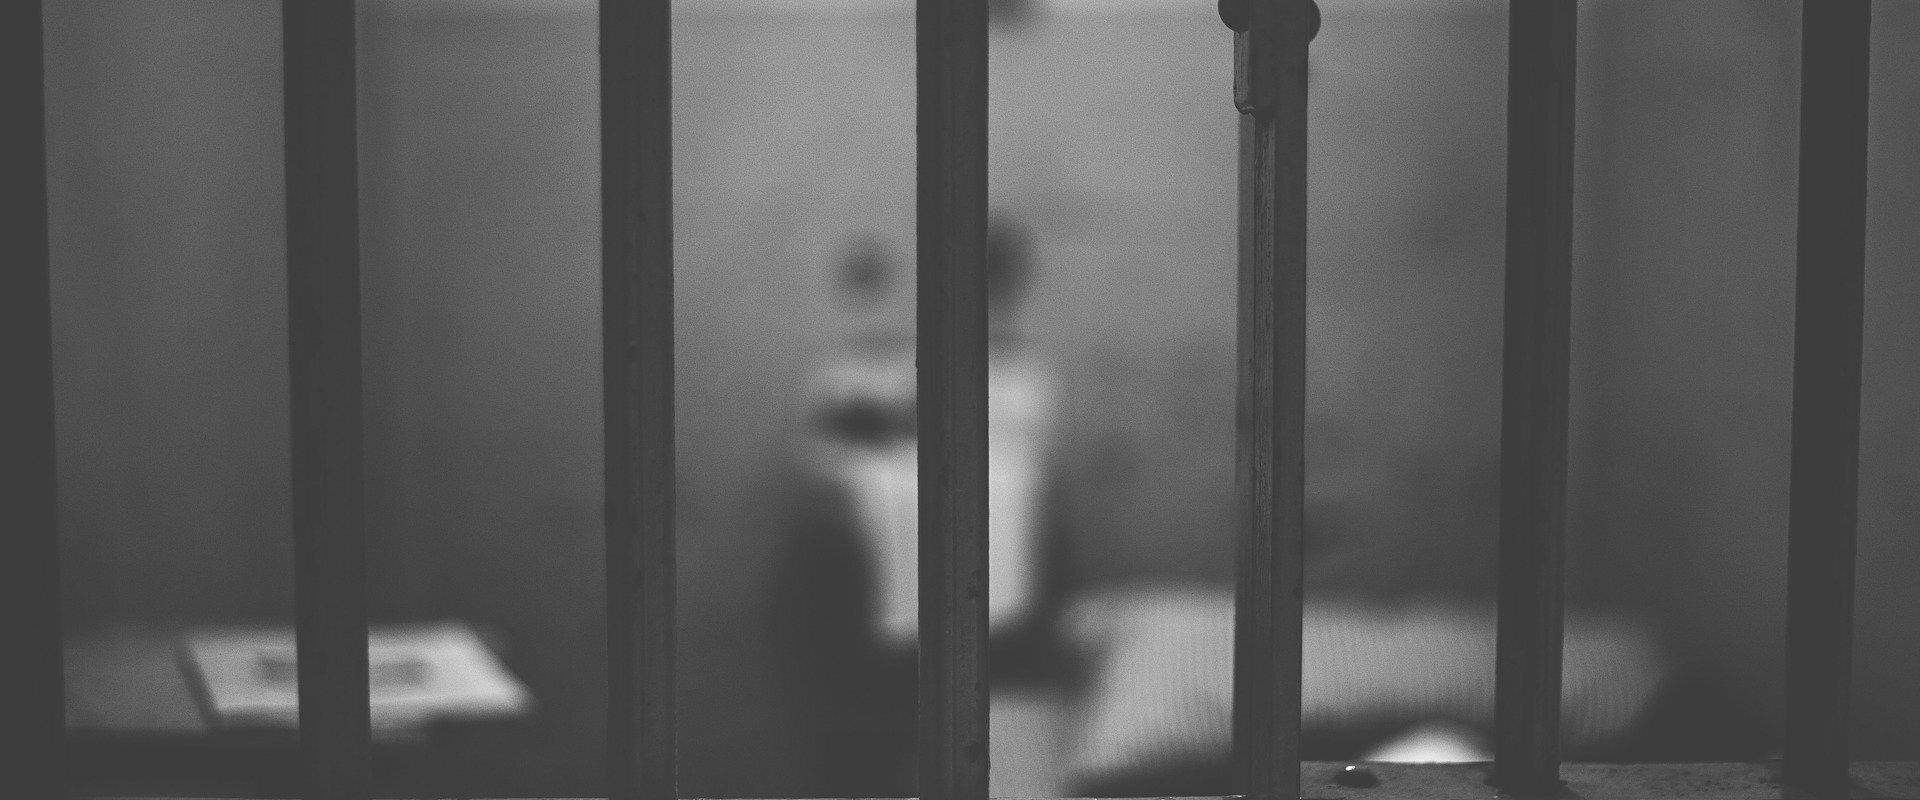 En prison, la longue marche des détenus pour travailler et s'éviter la récidive